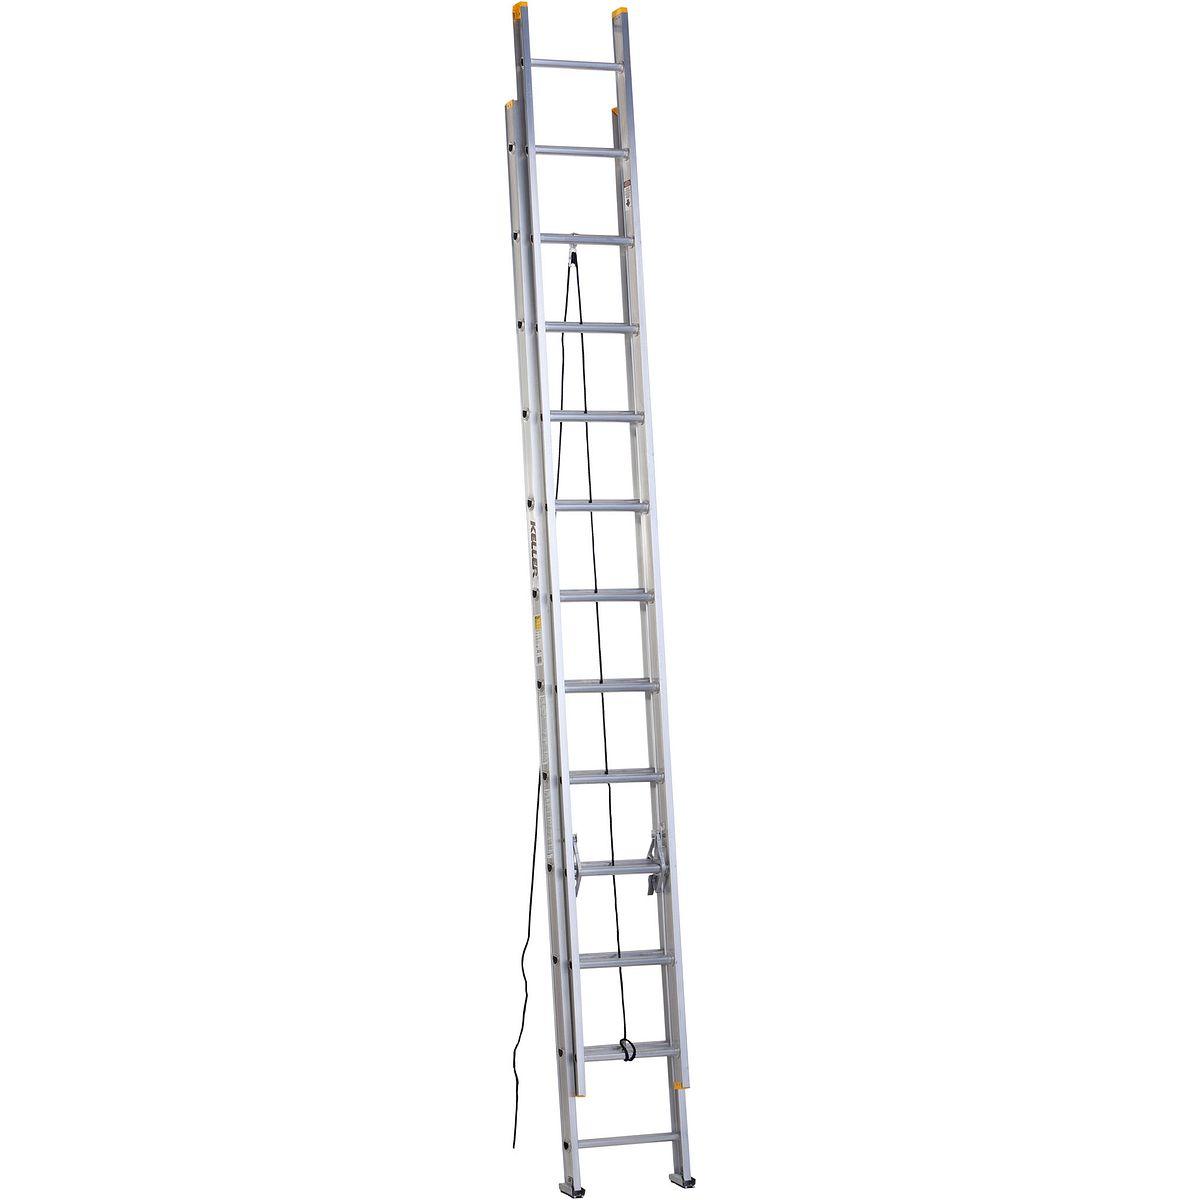 3528 Extension Ladders Keller Us